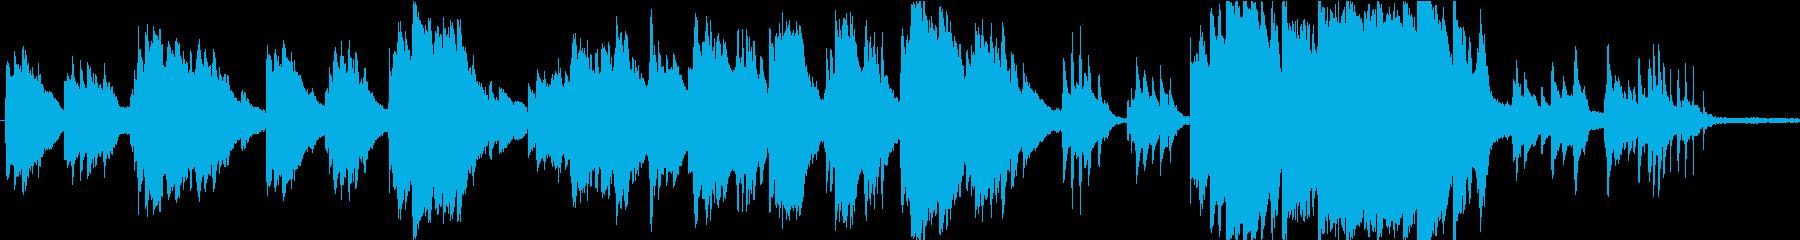 優しく切ないメロディックなピアノ曲の再生済みの波形